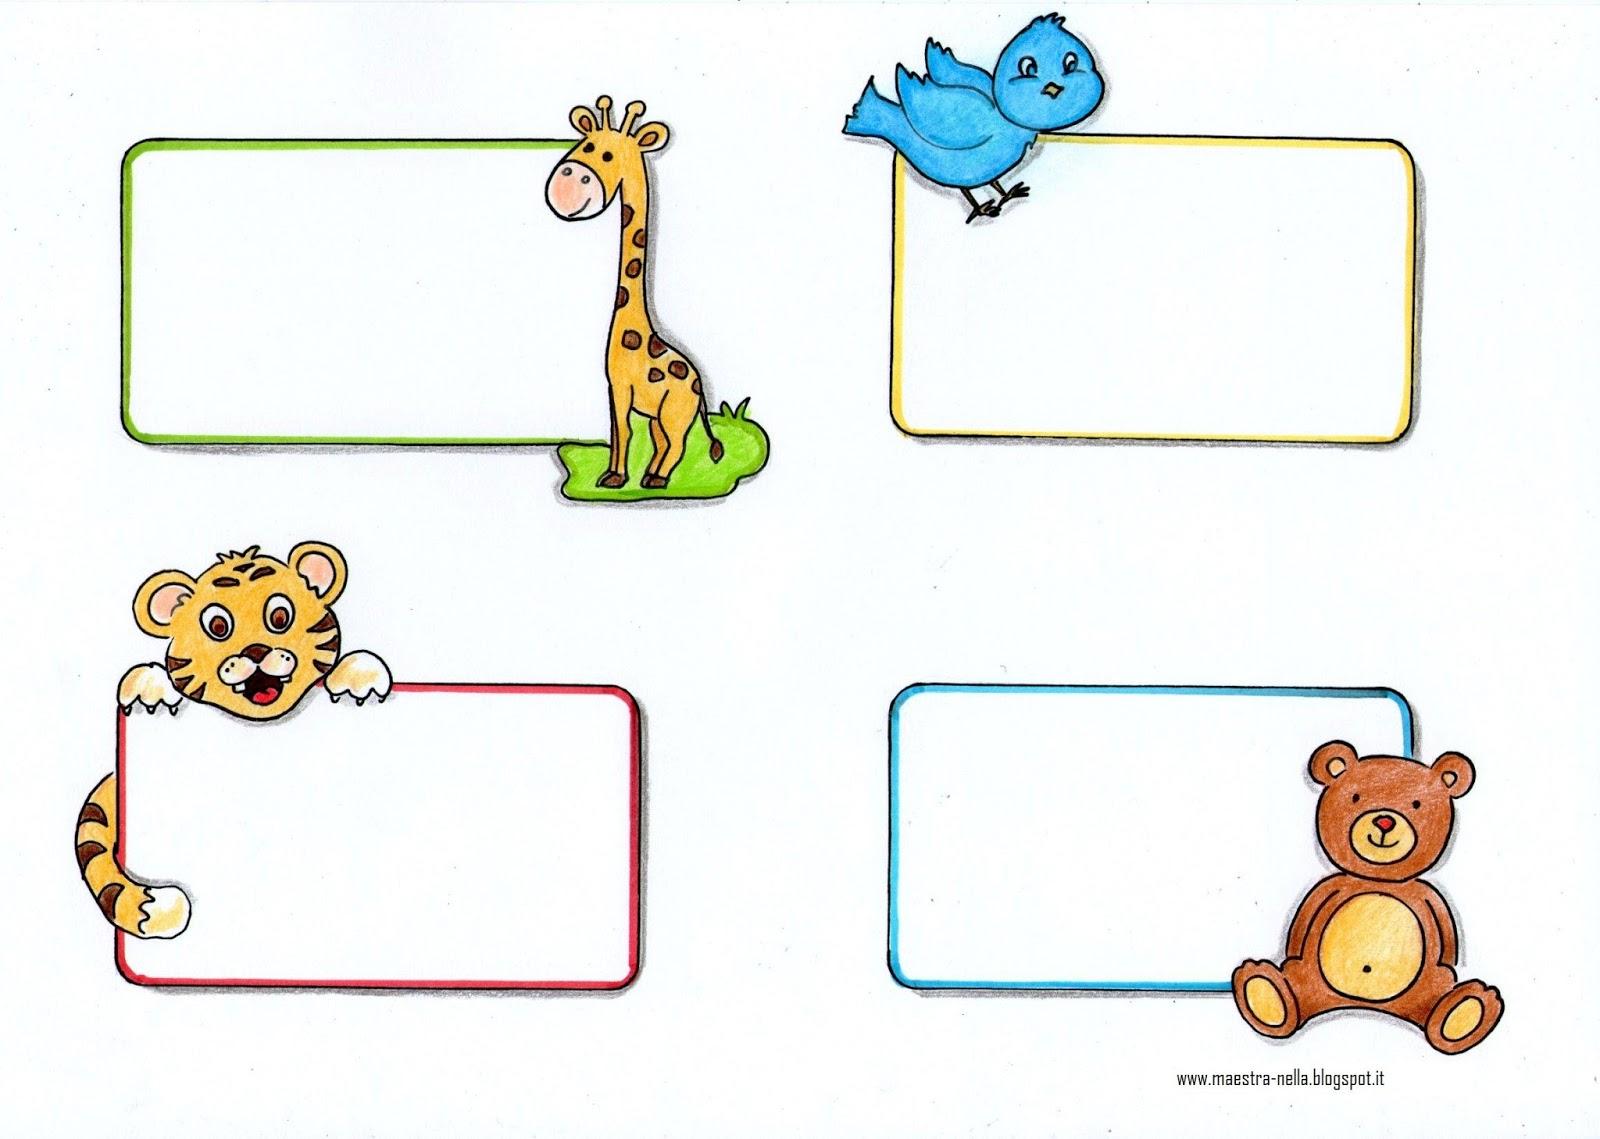 Maestra nella segnaposto o etichette - Libri di scuola materna stampabili gratuitamente ...